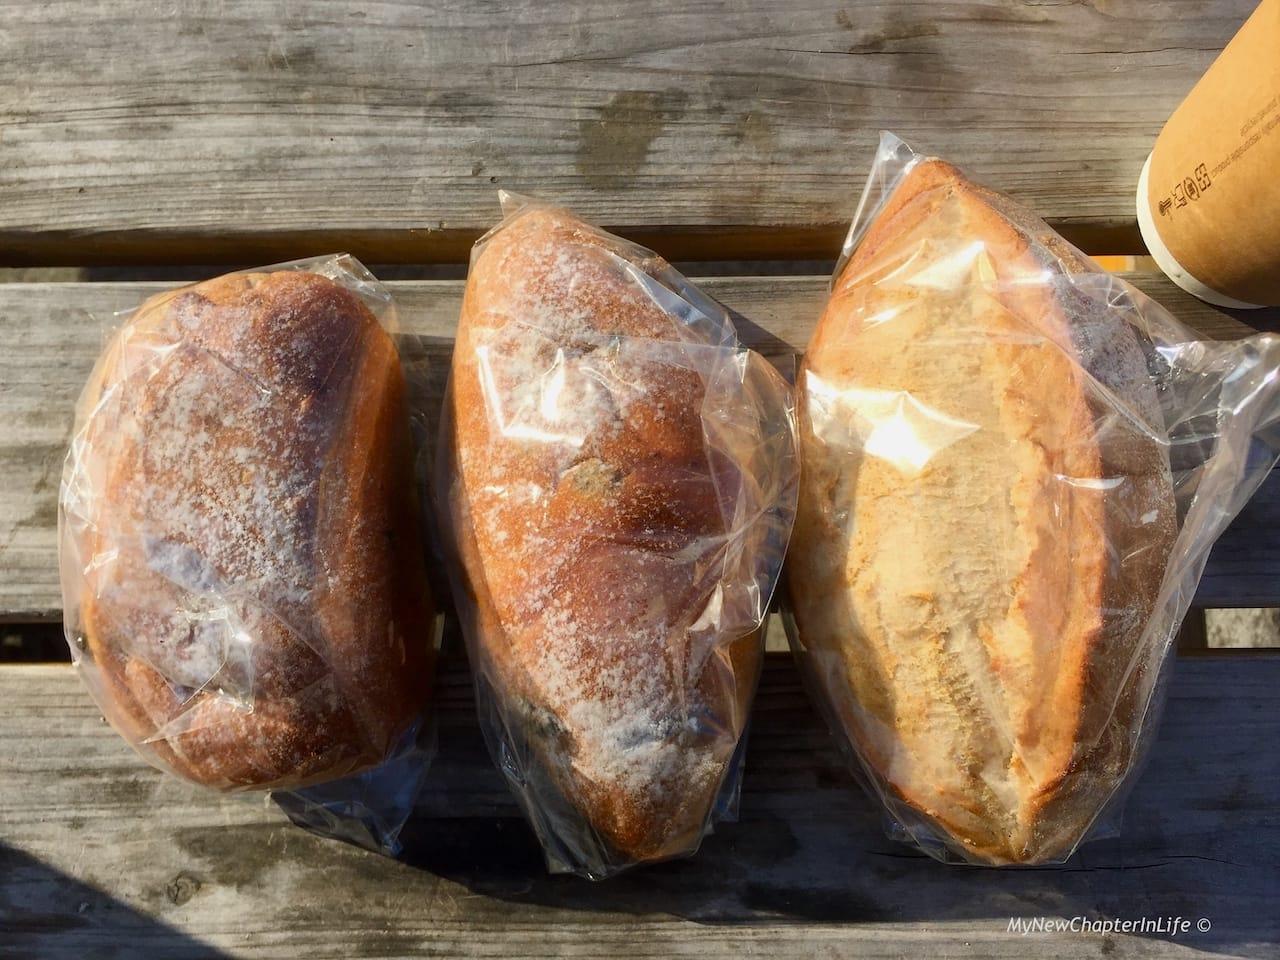 由左至右: 蔓越莓麵包,法國小藍莓麵包及飛龍麵包